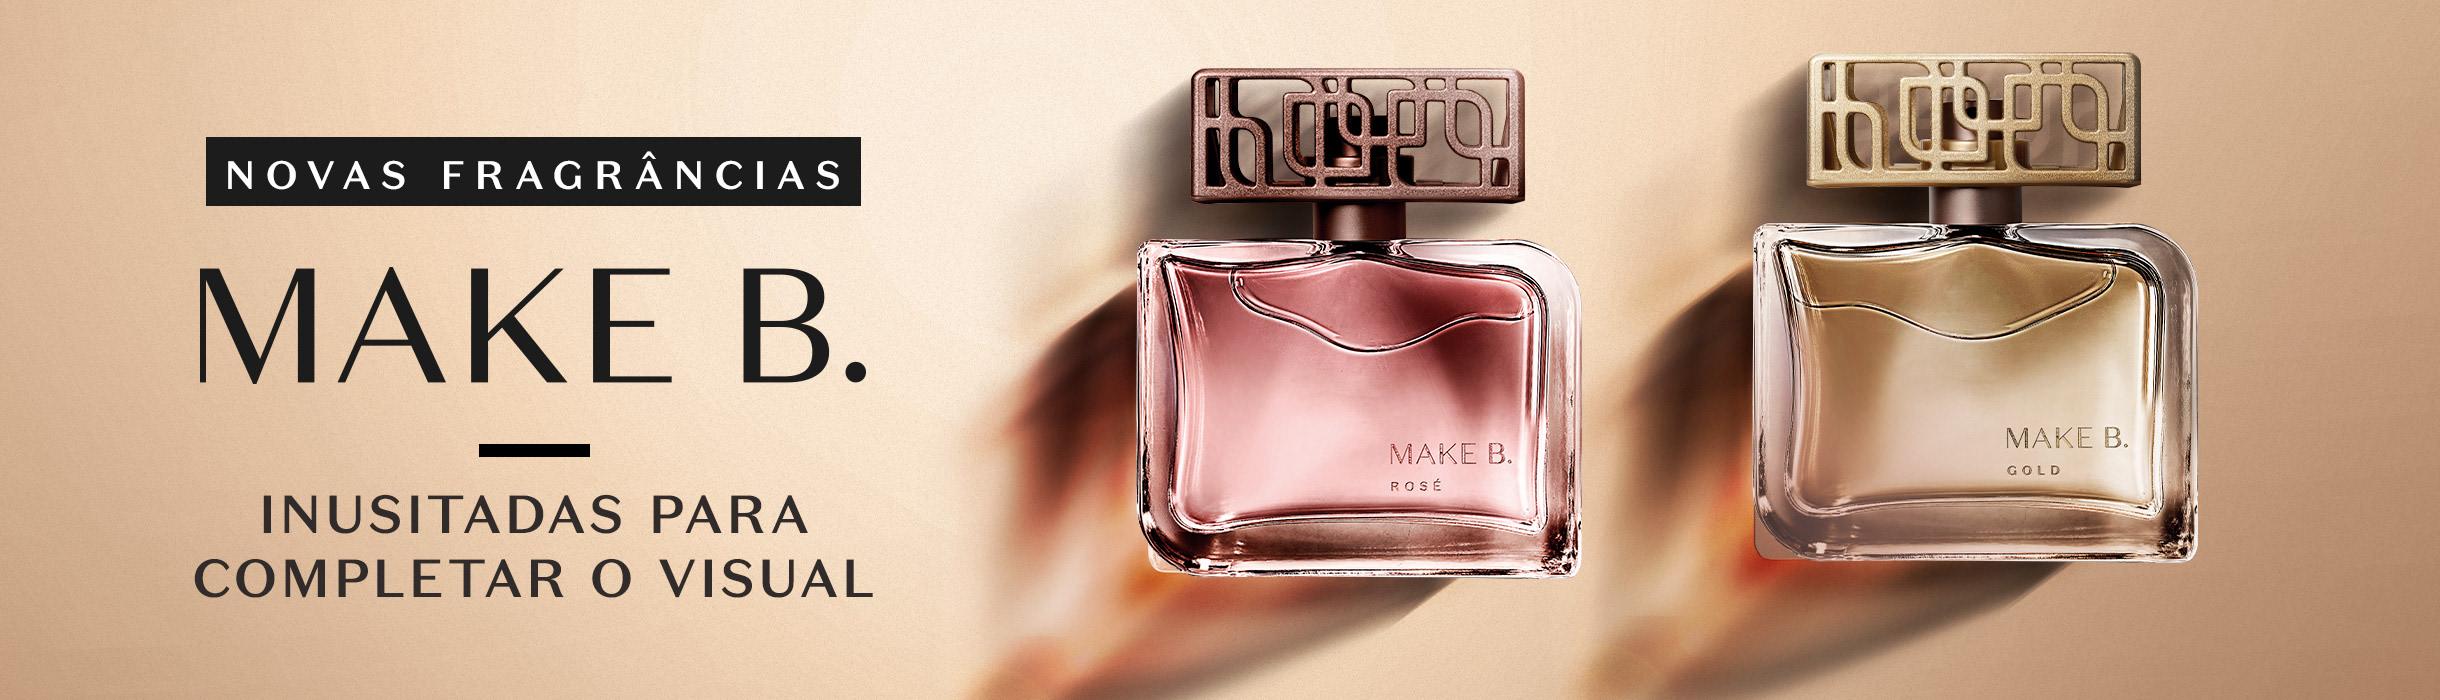 Make B. Perfumaria Feminina